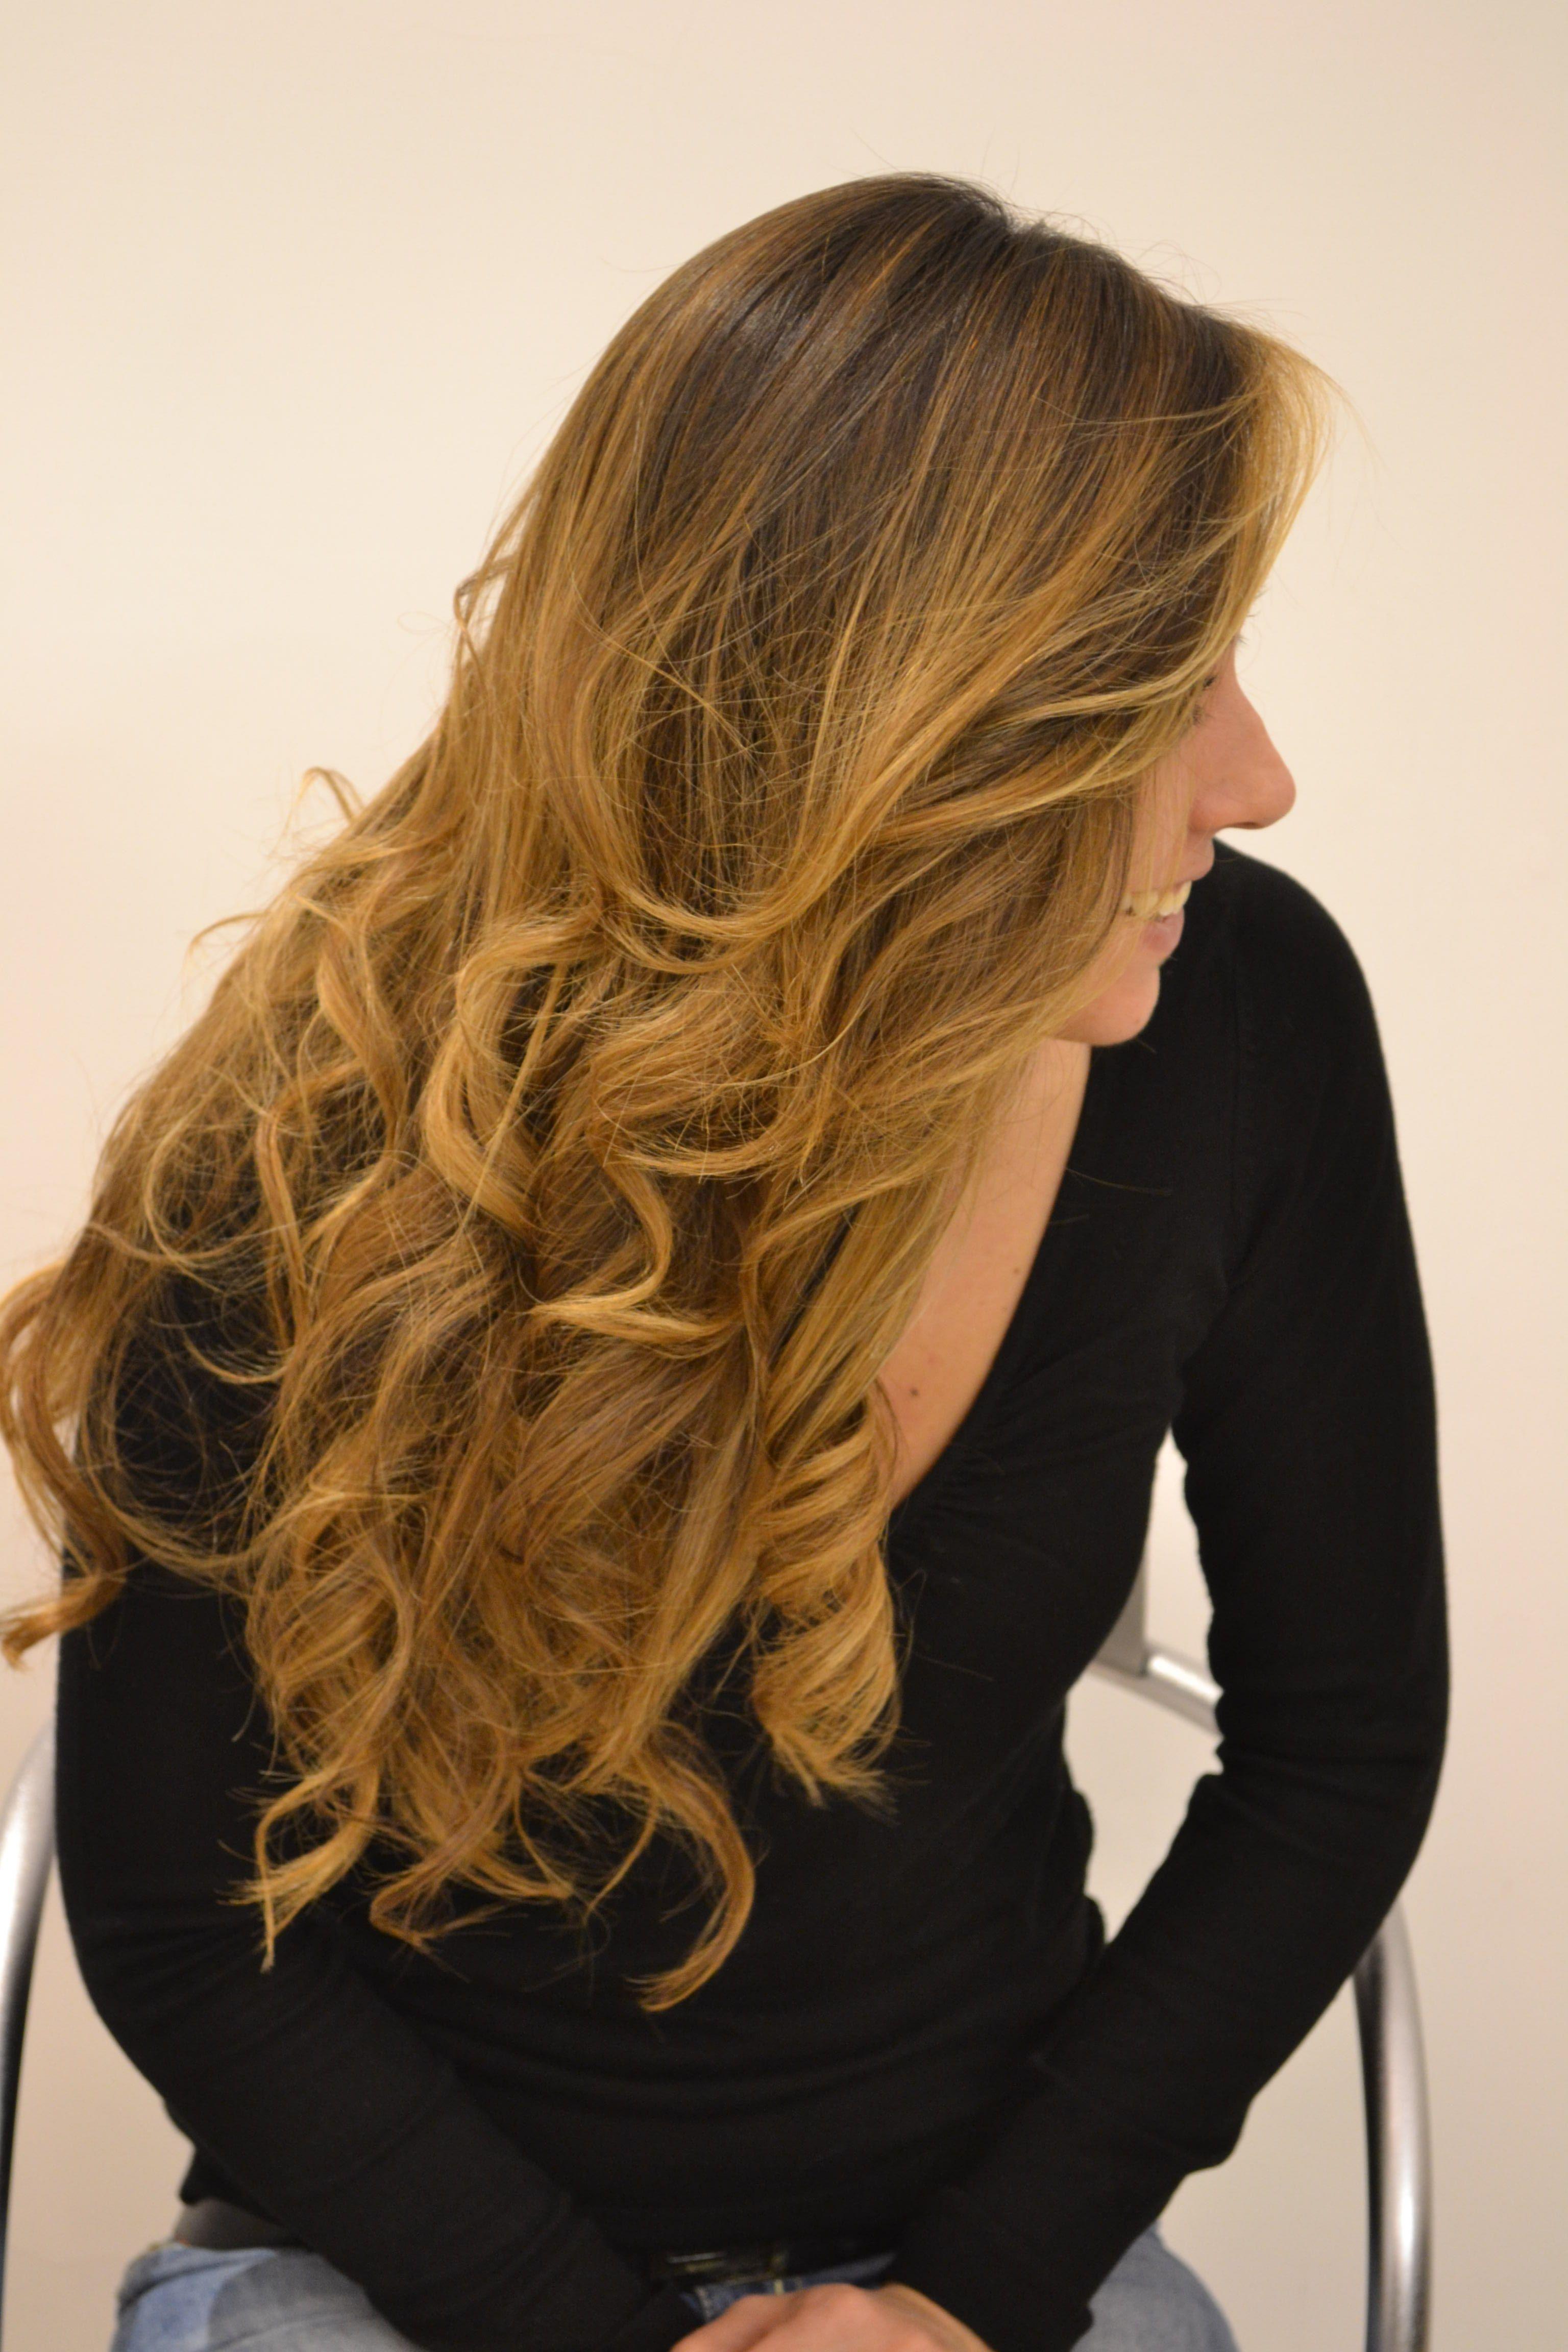 antoniomoccia specialista in capelli lunghi!!!   taglio punte aria